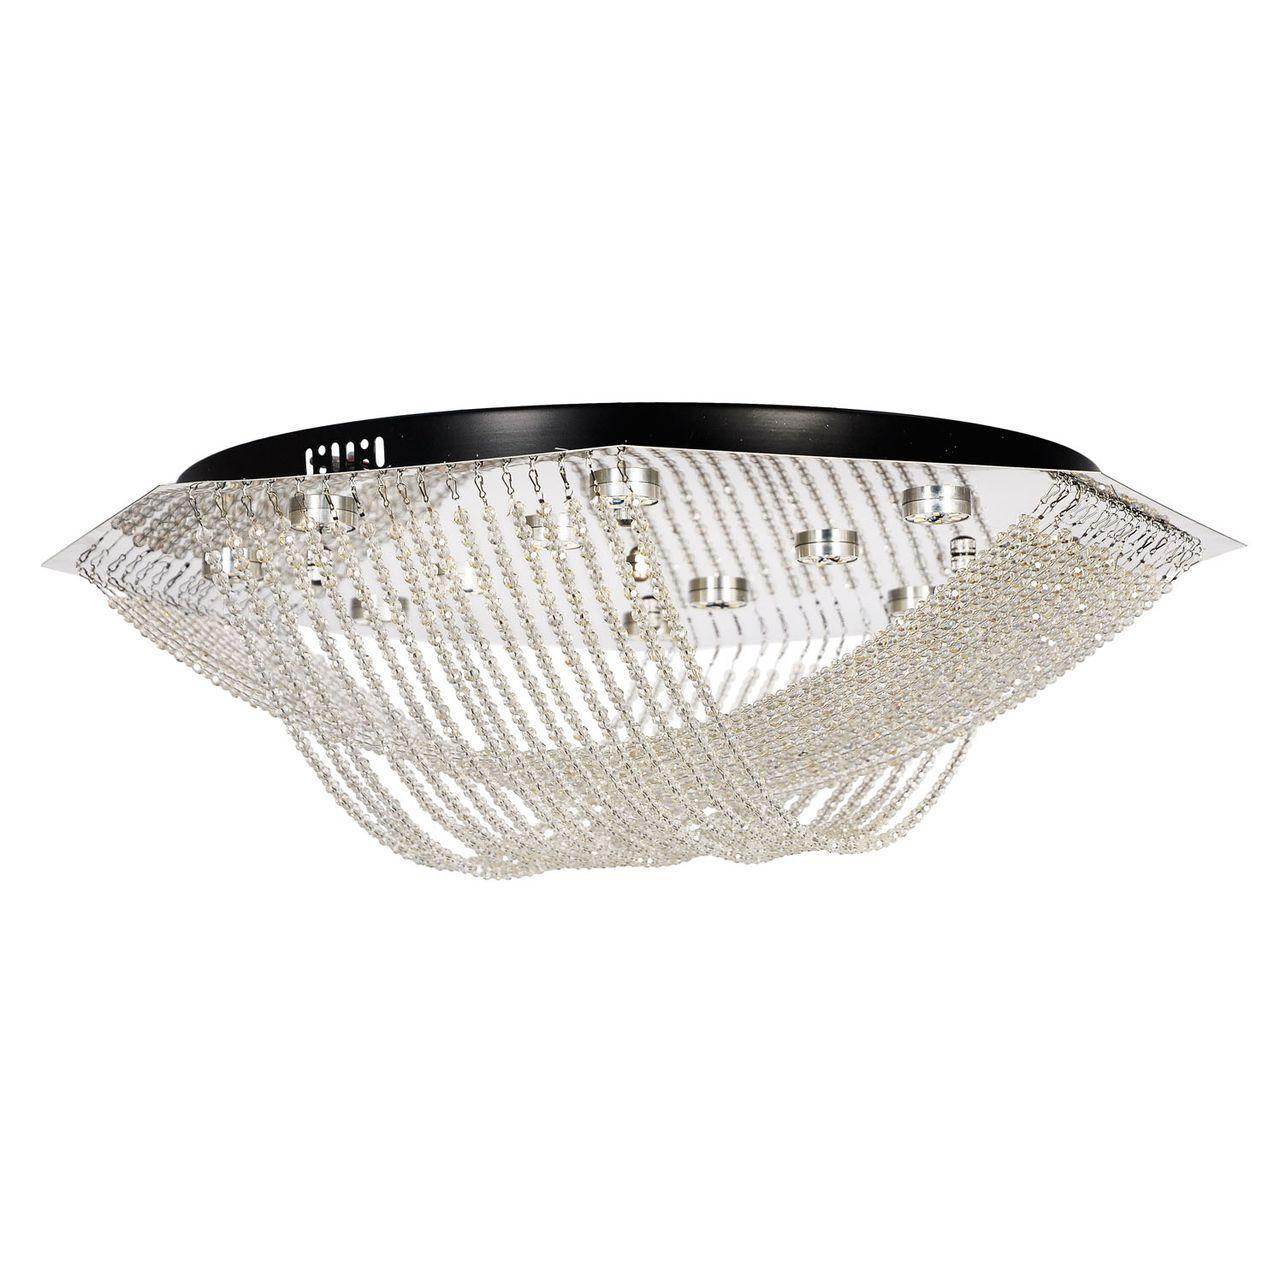 Купить со скидкой Потолочный светодиодный светильник Arti Lampadari Dante